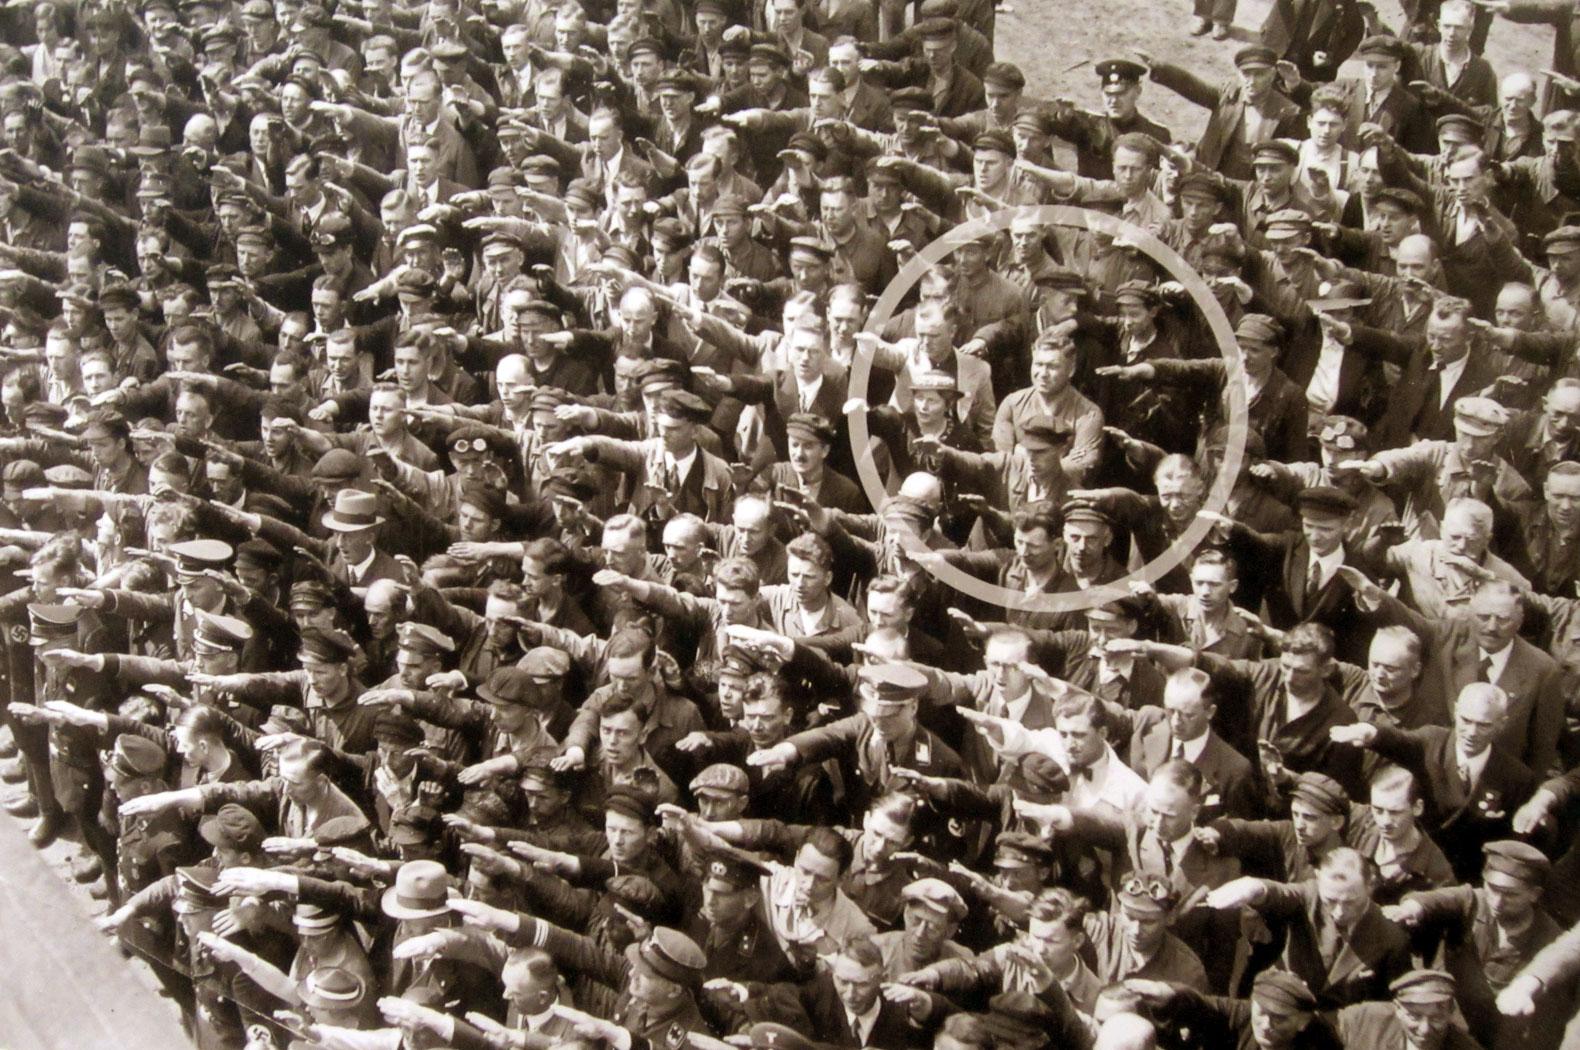 August Landmesser